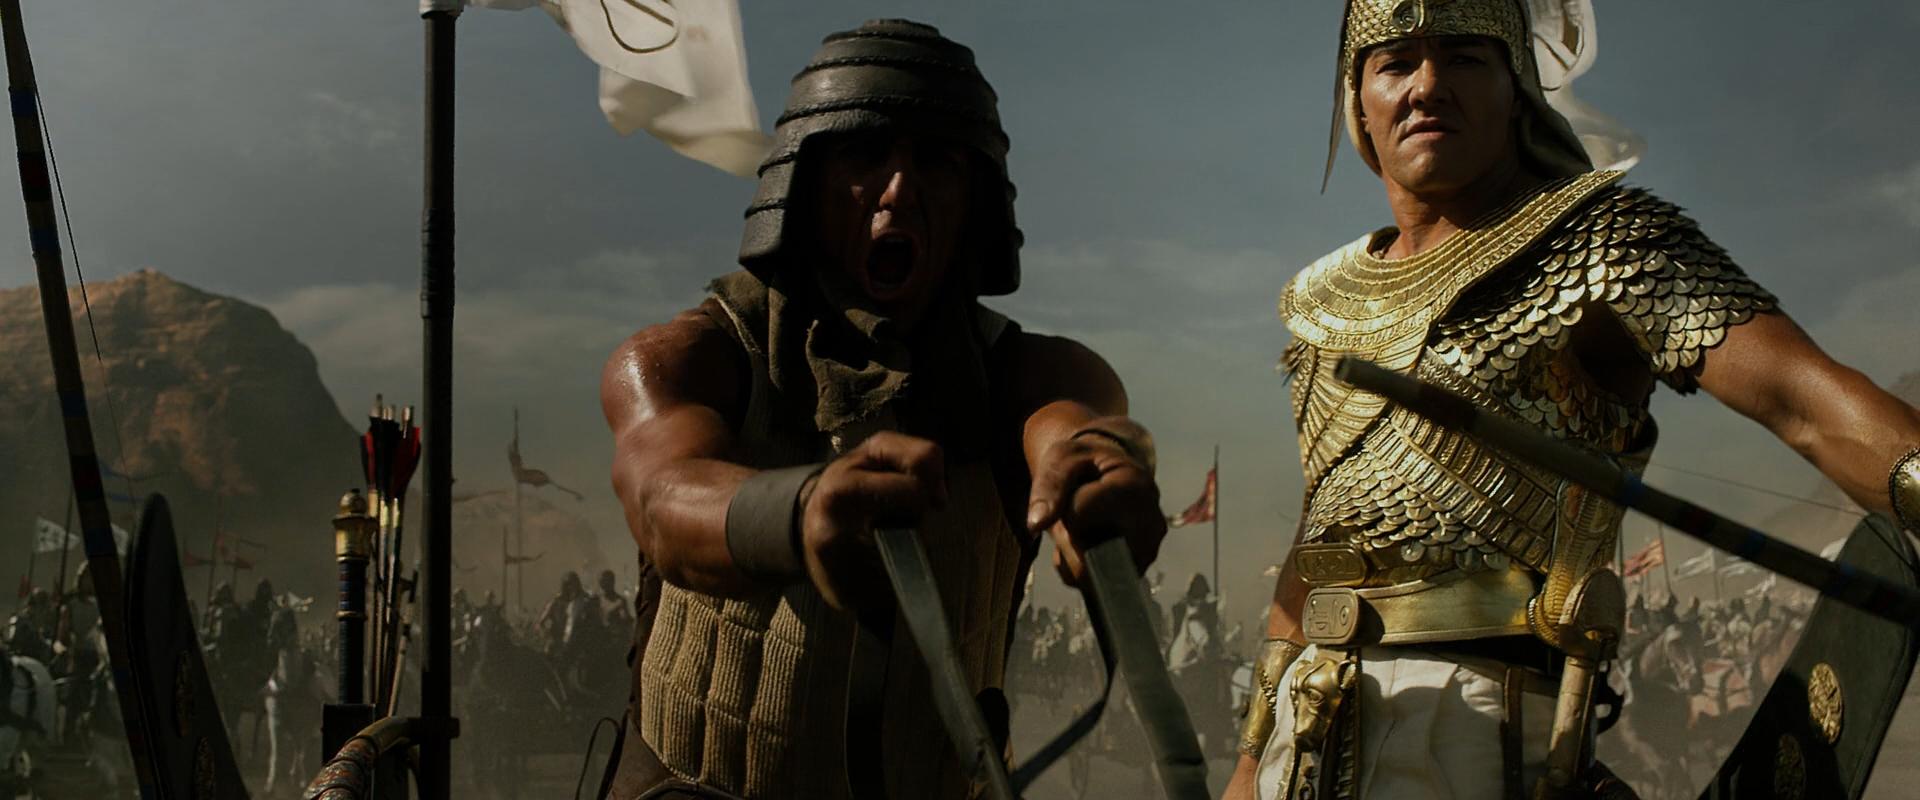 Исход: Цари и боги (2014) BDRip 1080p | D, A | Лицензия